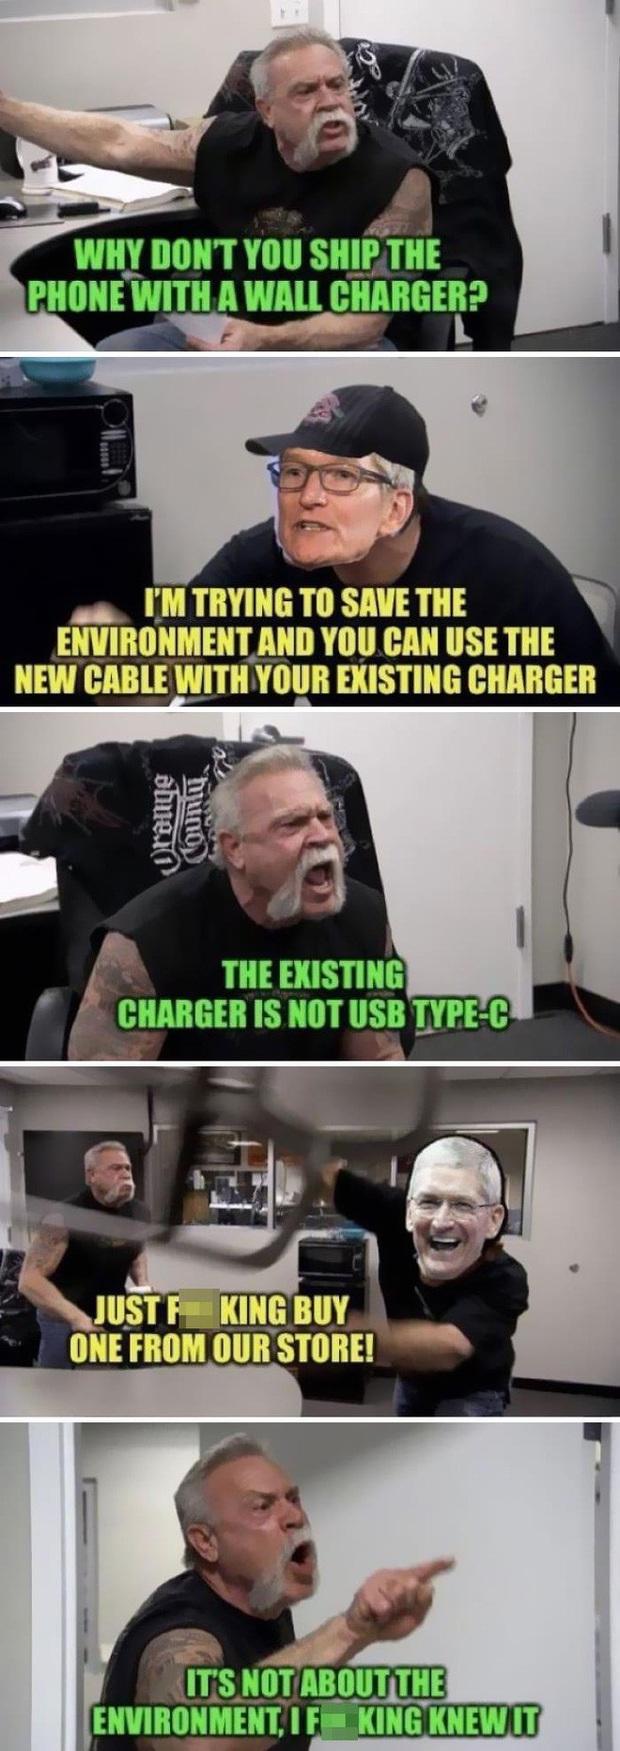 Apple cuối cùng cũng dùng hoàn toàn cáp sạc USB-C cho iPhone, nhưng theo cách tồi tệ nhất có thể - Ảnh 2.